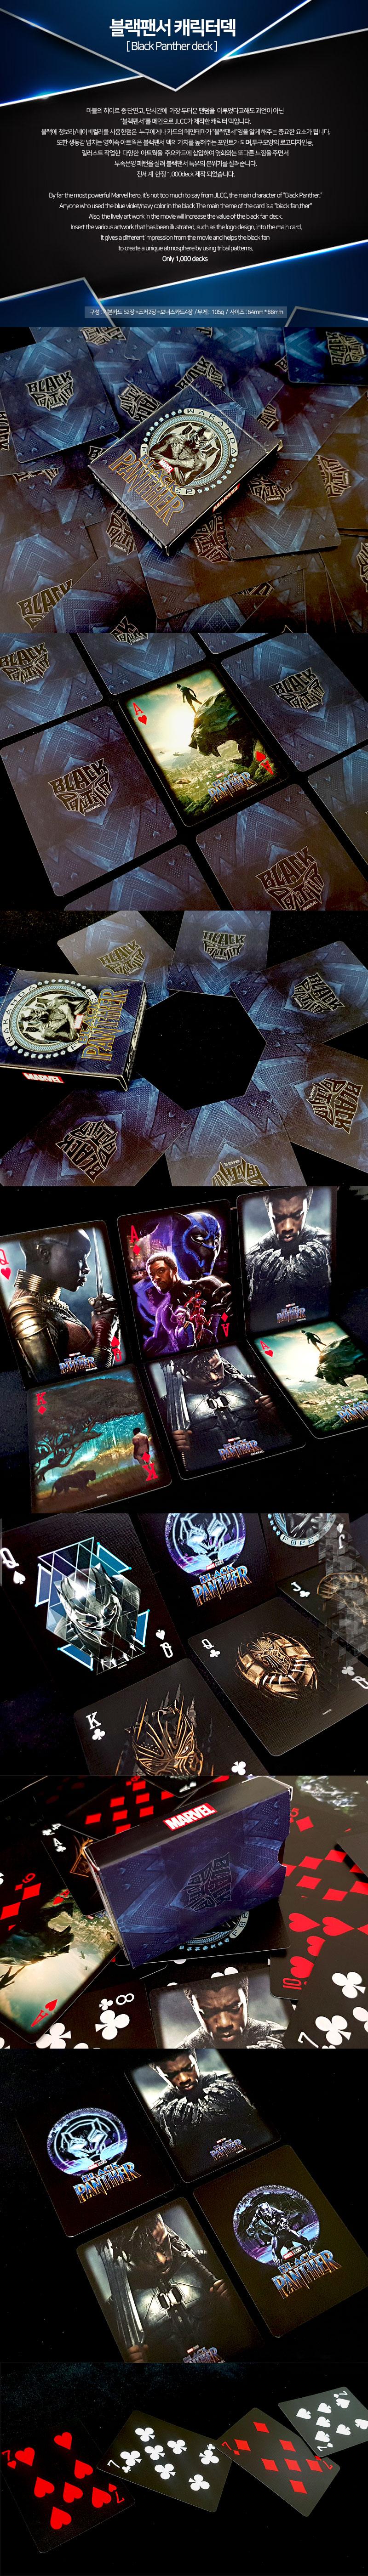 (한정판)블랙팬서덱 - 제이엘, 17,000원, 카드마술, 카드마술